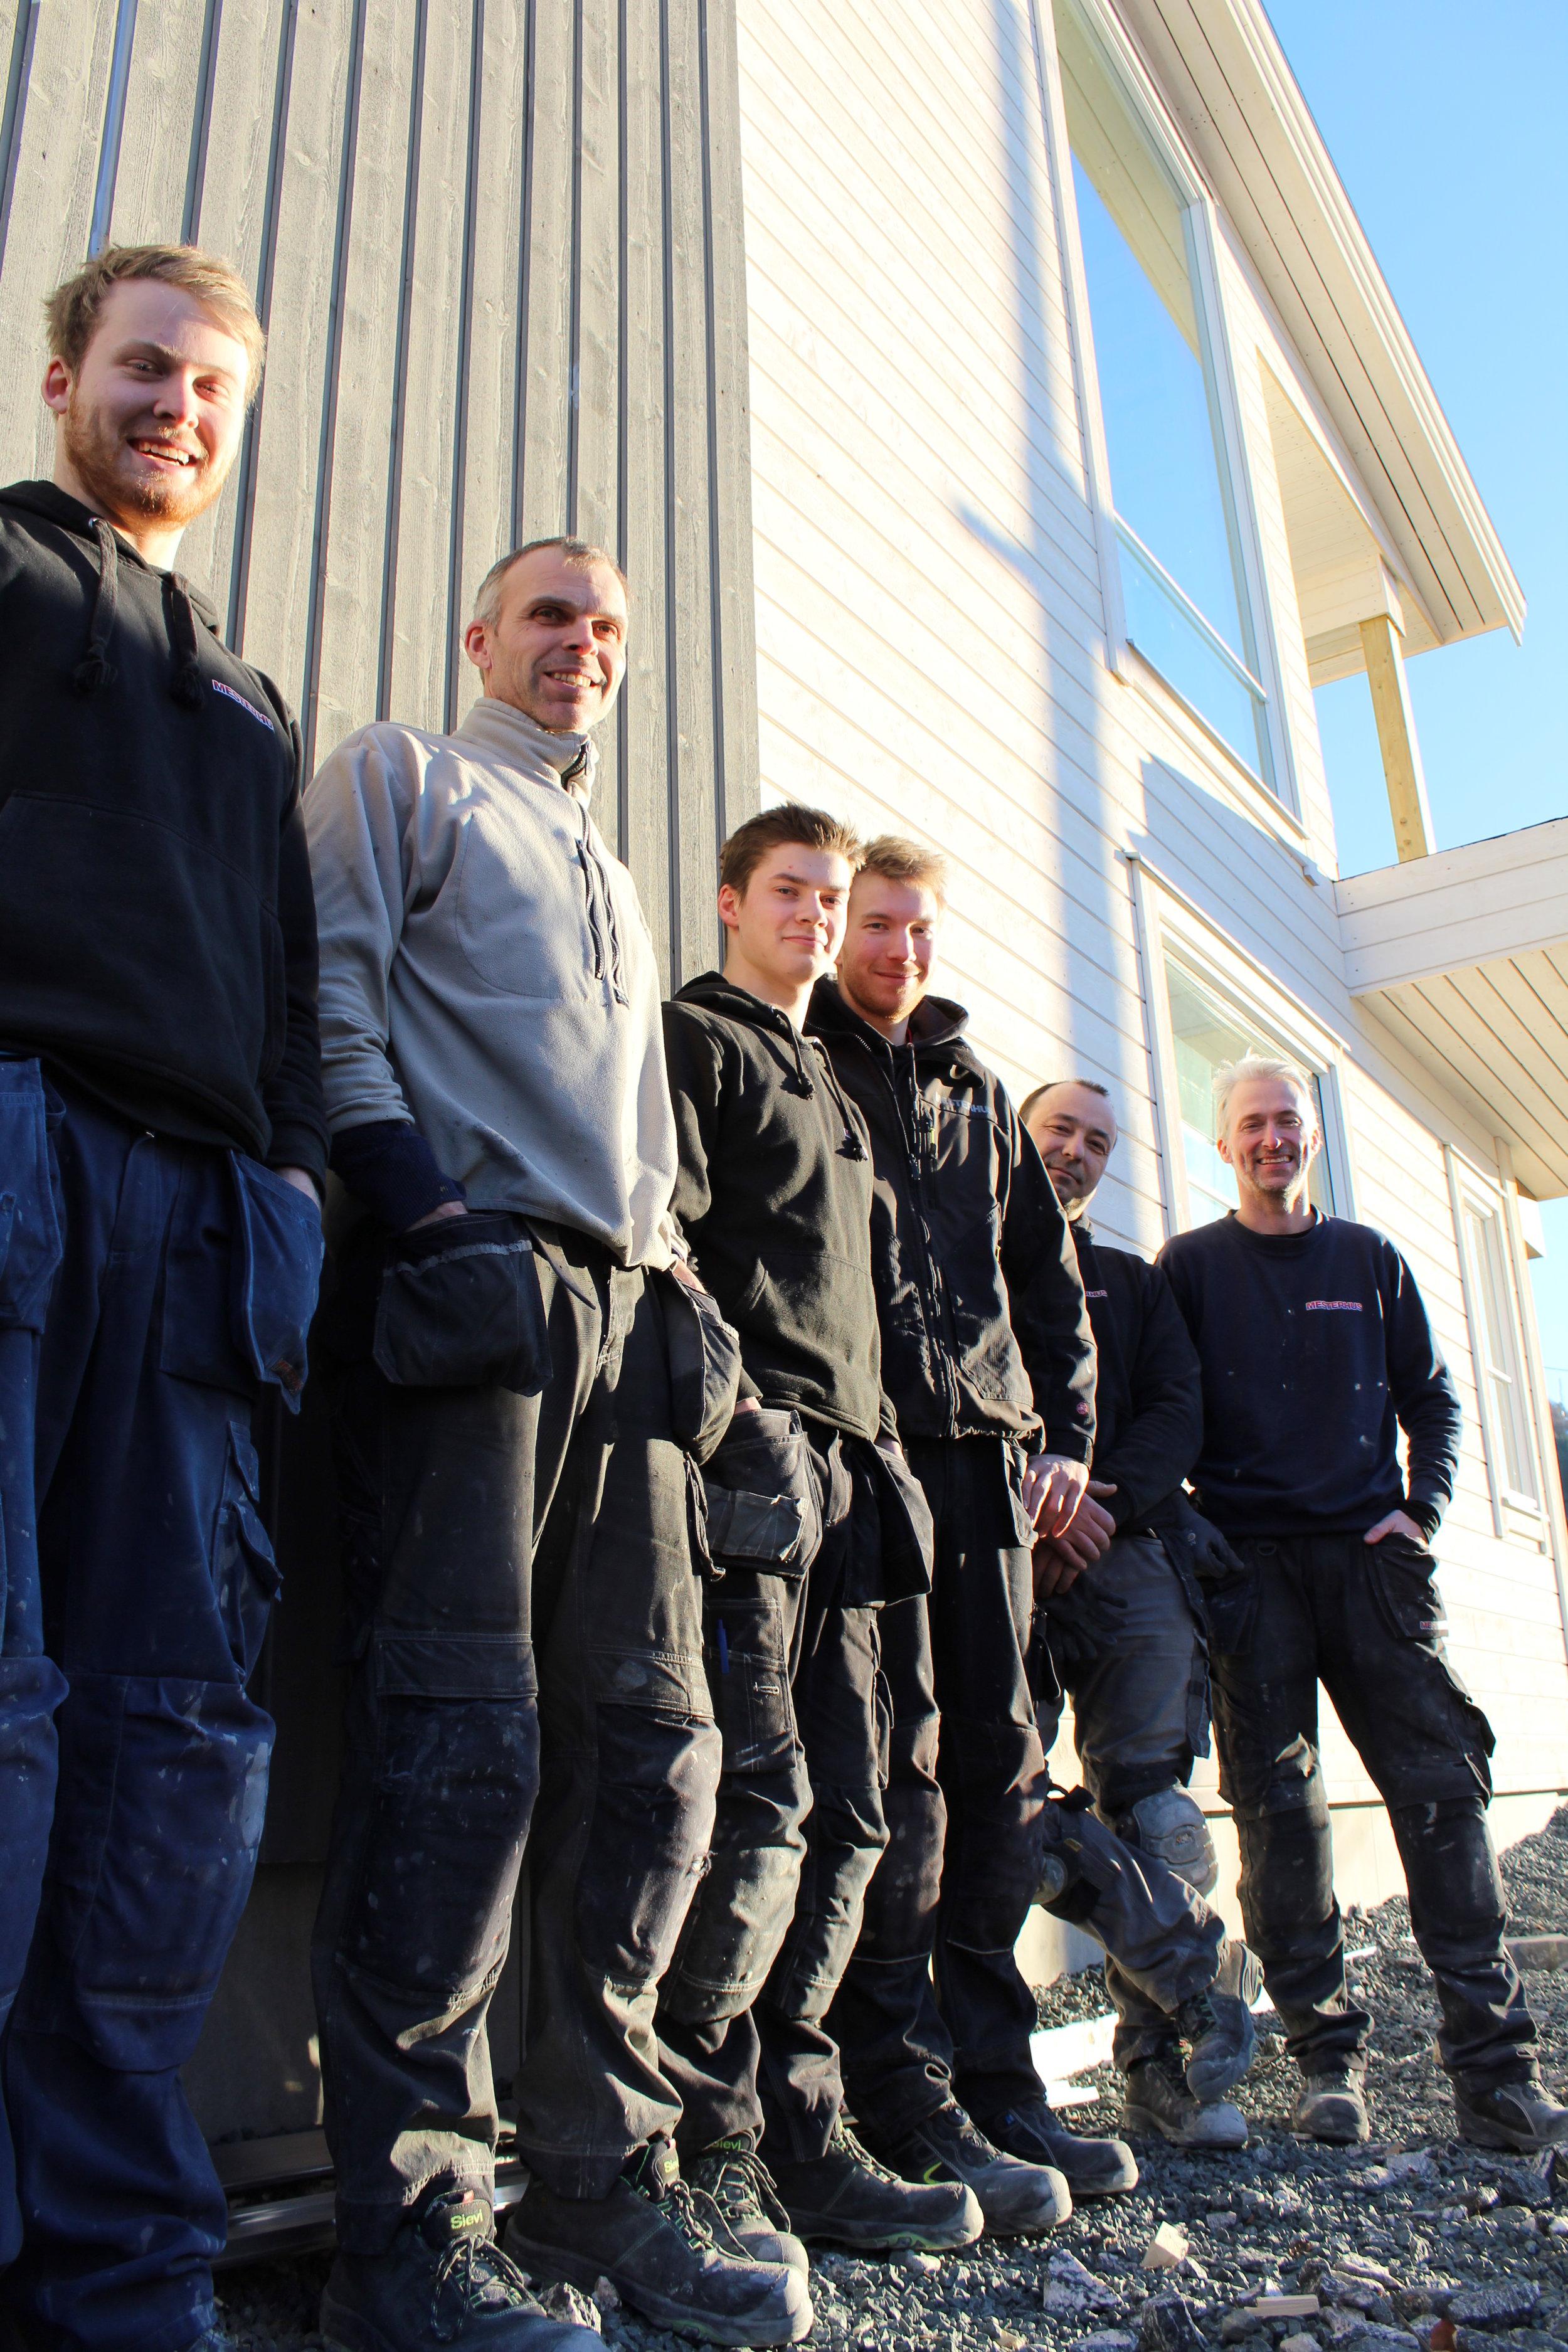 Gjengen frå Tømrer Service AS (Jørgen Vikestrand, Henning Helle, Magnus Hamre, Ørjan Moen, Vaidotas Baliunas og Børre Heltne)